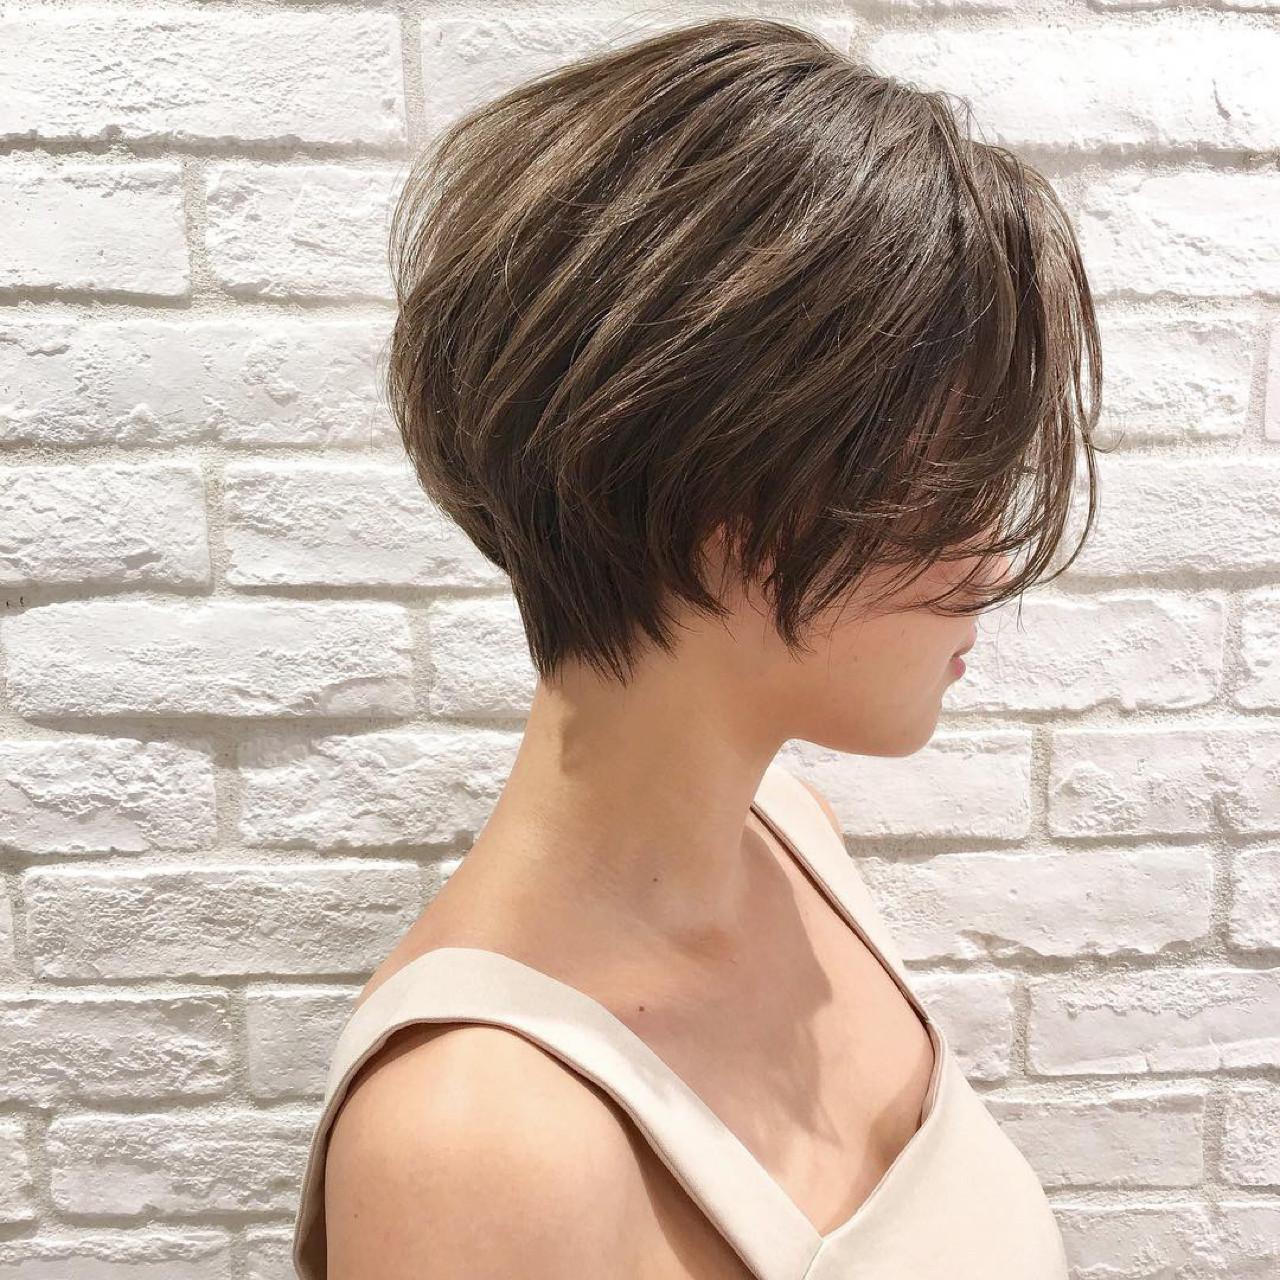 スポーツ ウェーブ ショート ナチュラル ヘアスタイルや髪型の写真・画像 | ショートボブの匠【 山内大成 】『i.hair』 / 『 i. 』 omotesando